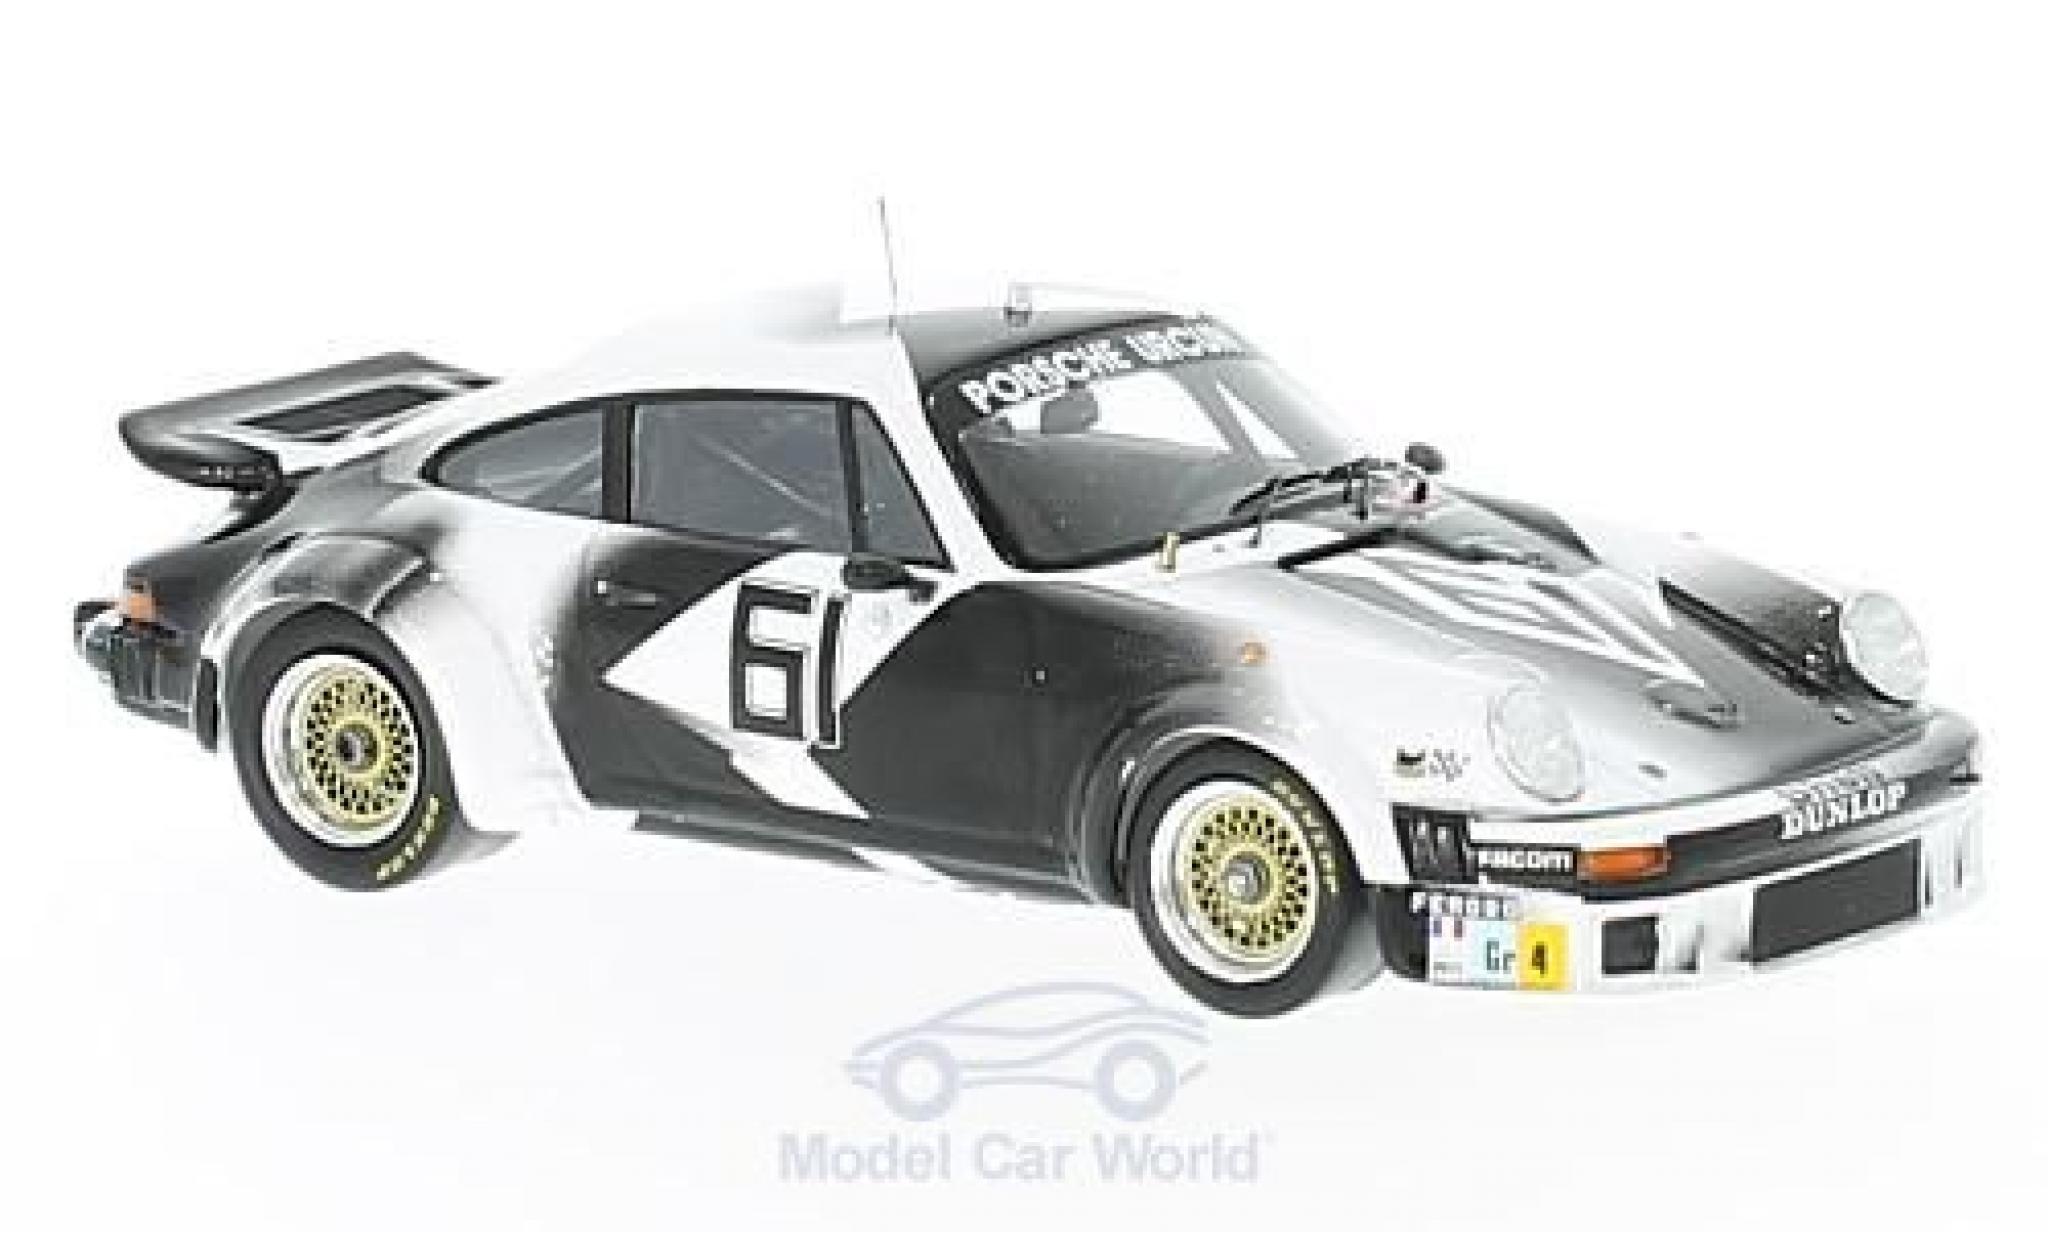 Porsche 934 1/43 Spark No.61 Auto Daniel Urcun 24h Le Mans 1978 G.Chasseuil/J.C.Lefebvre/M.Mignot